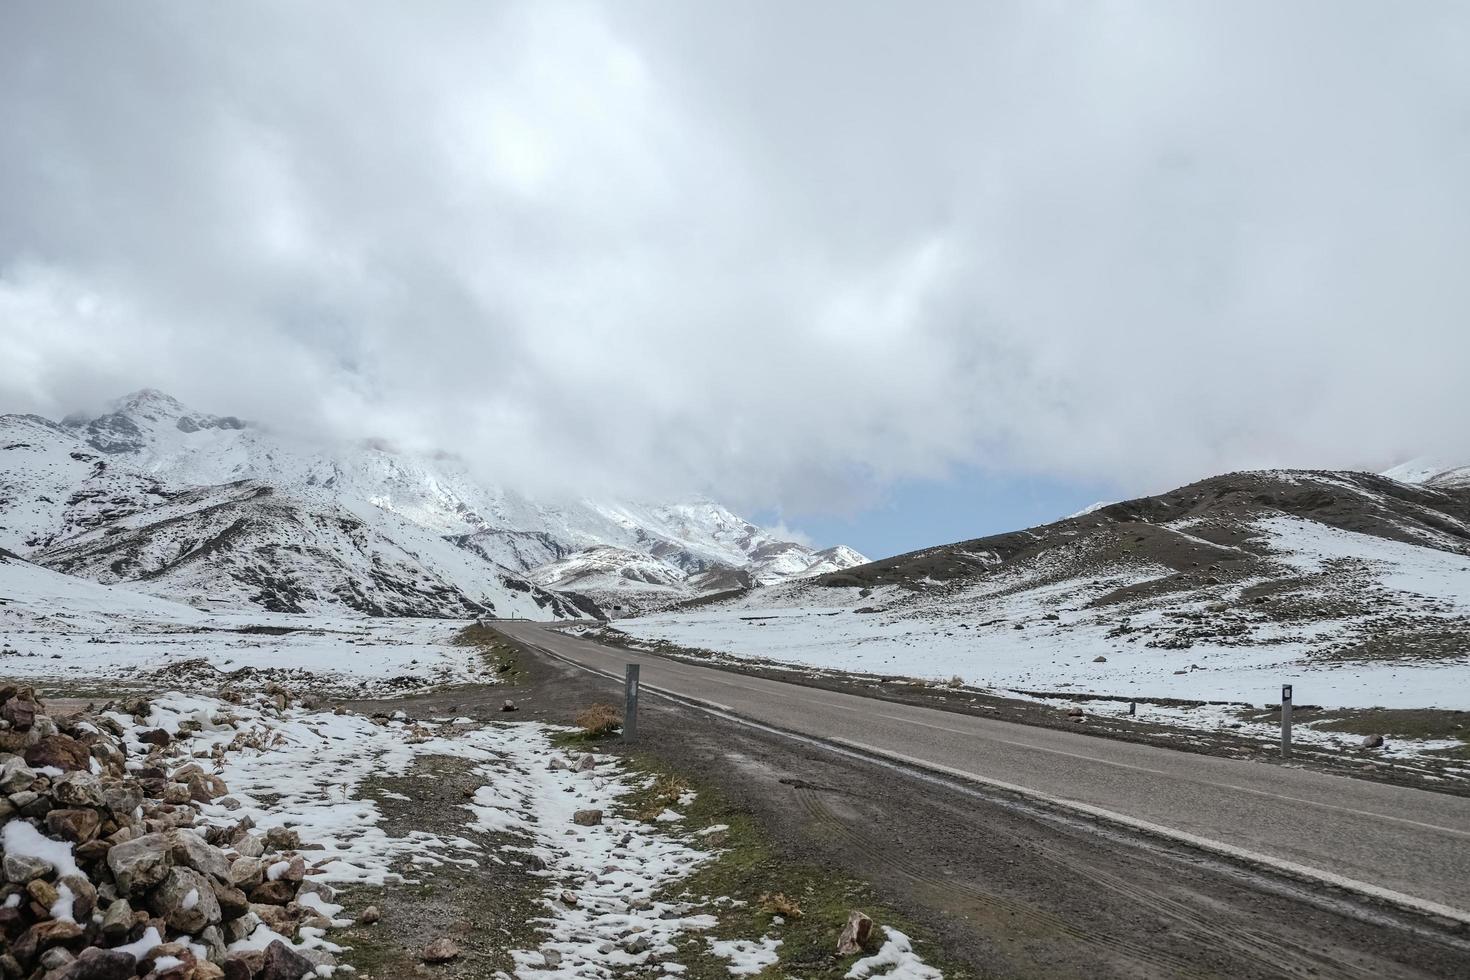 Une route goudronnée vide entourée de montagnes enneigées avec ciel nuageux dans la chaîne du haut atlas. Maroc. photo